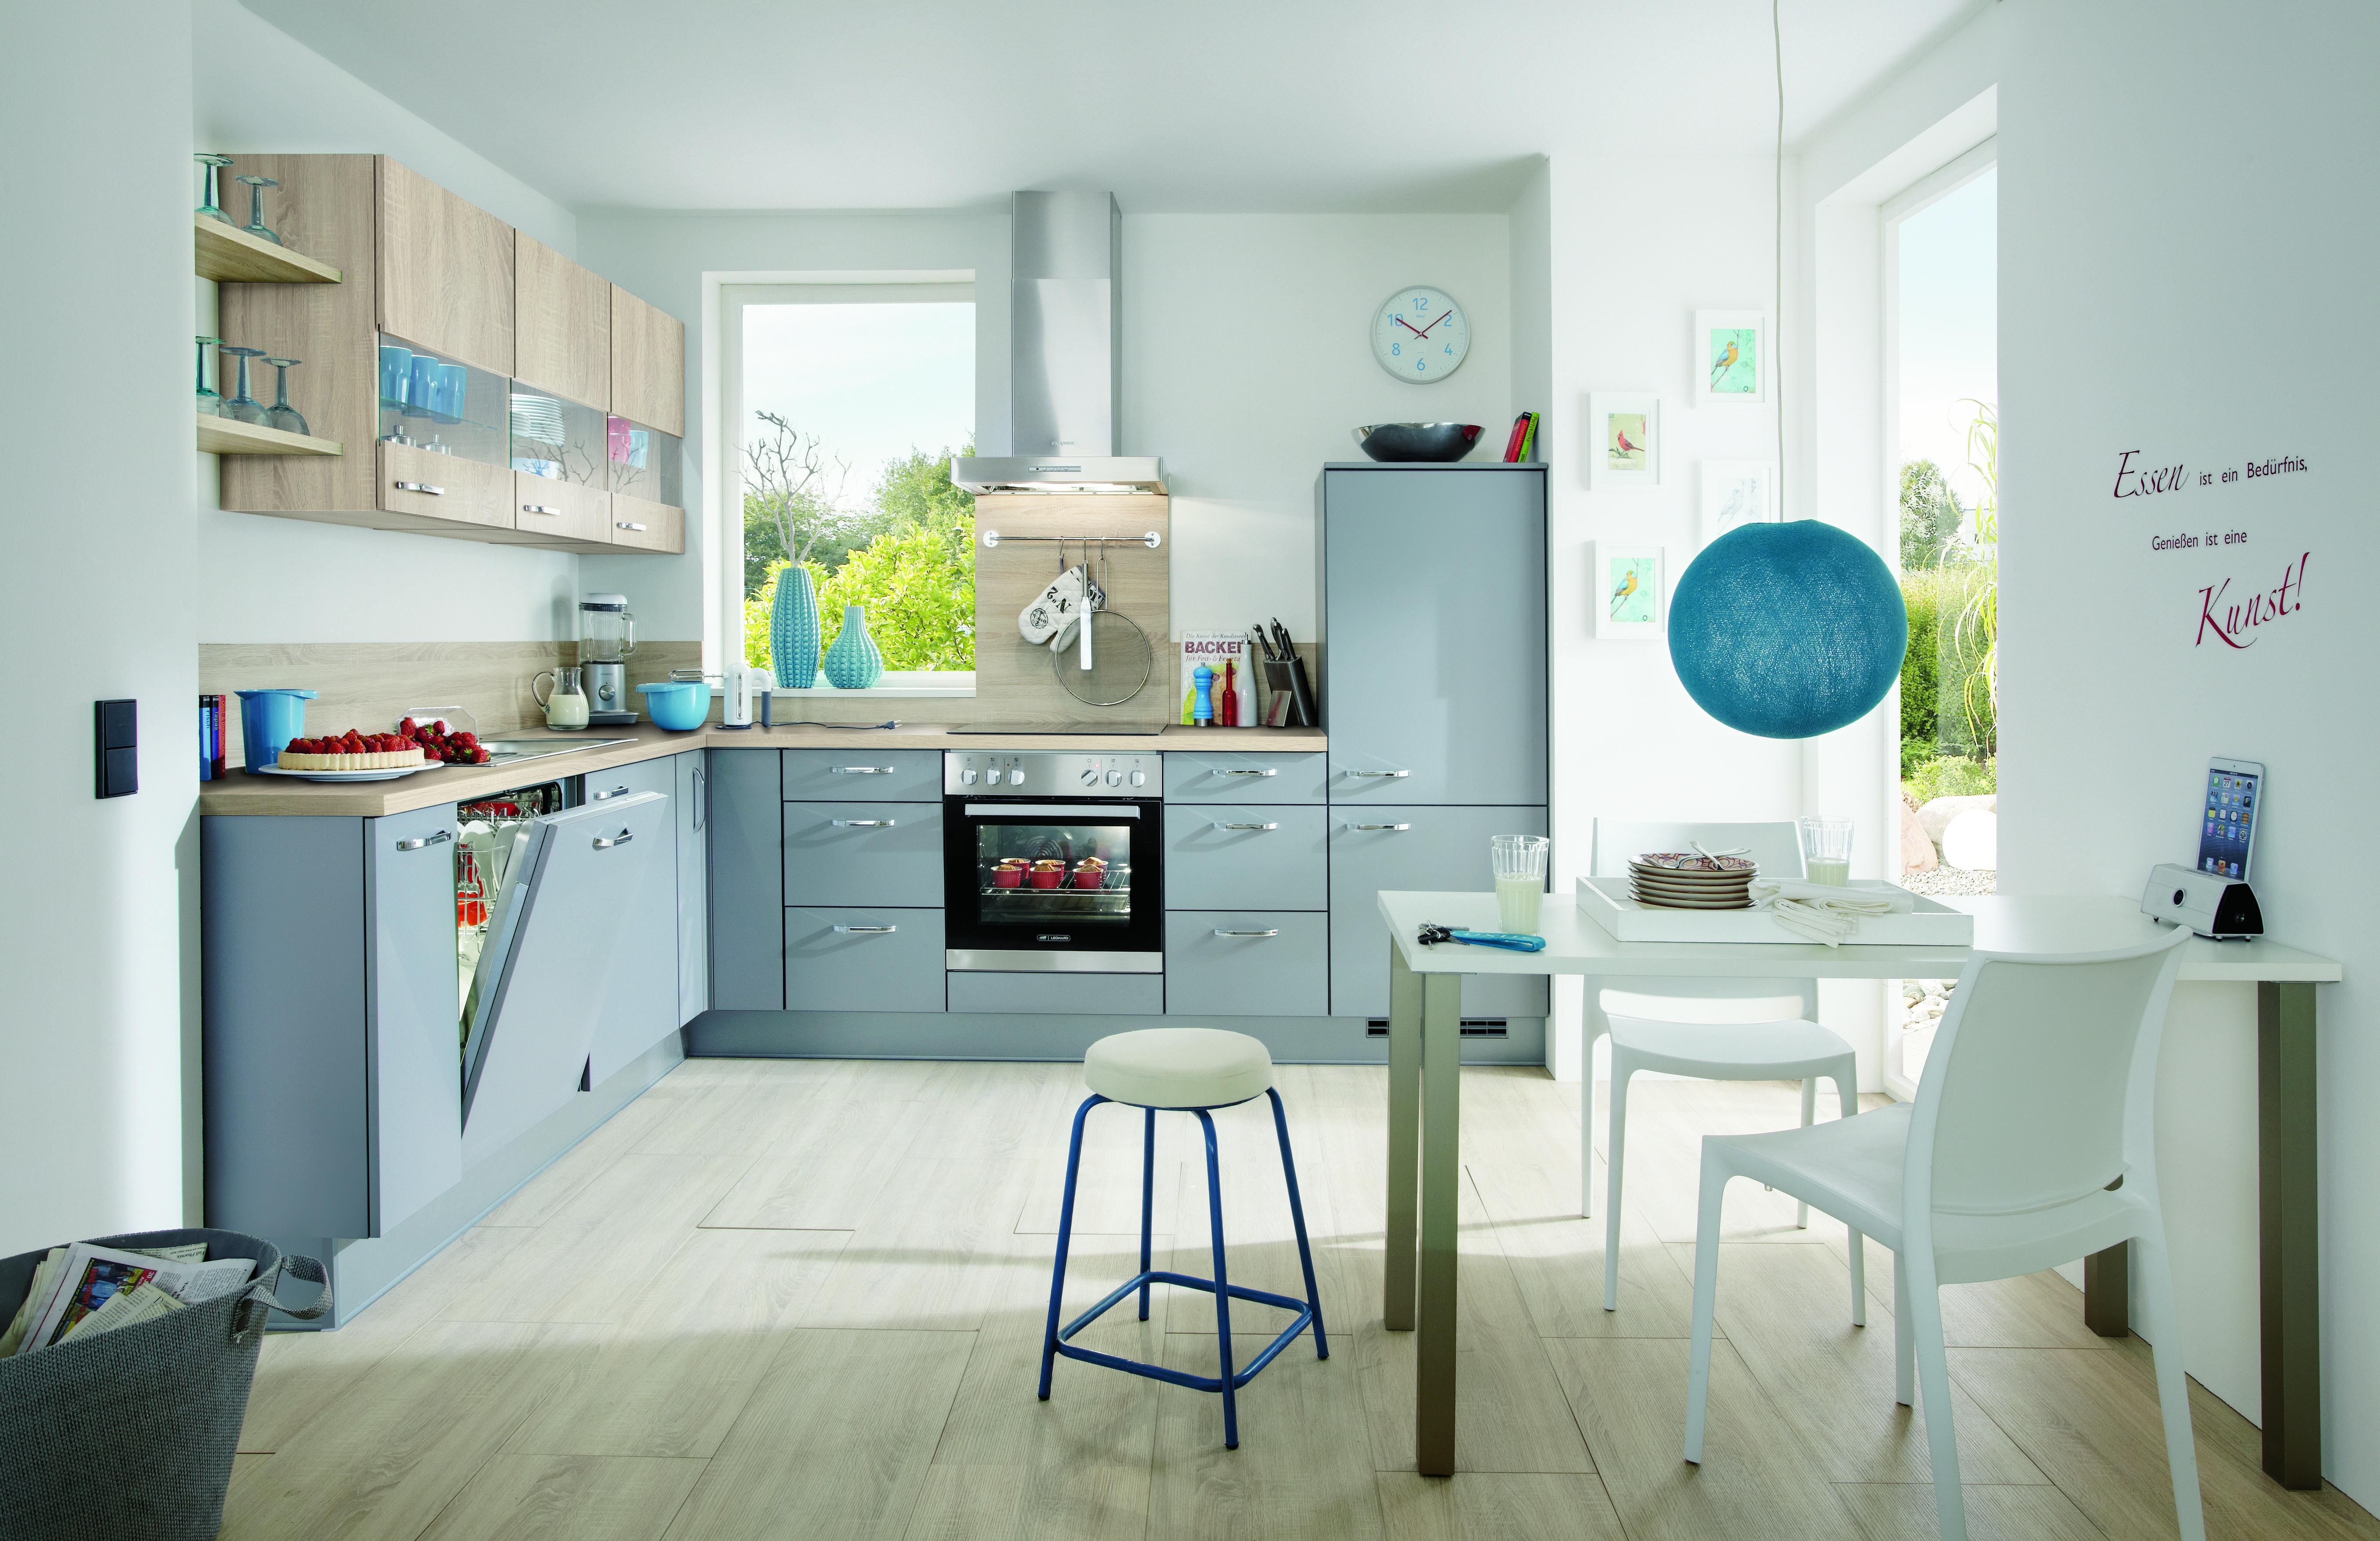 Pimp your Kitchen - Tolle Kreativideen für die Küche - Küche&Co